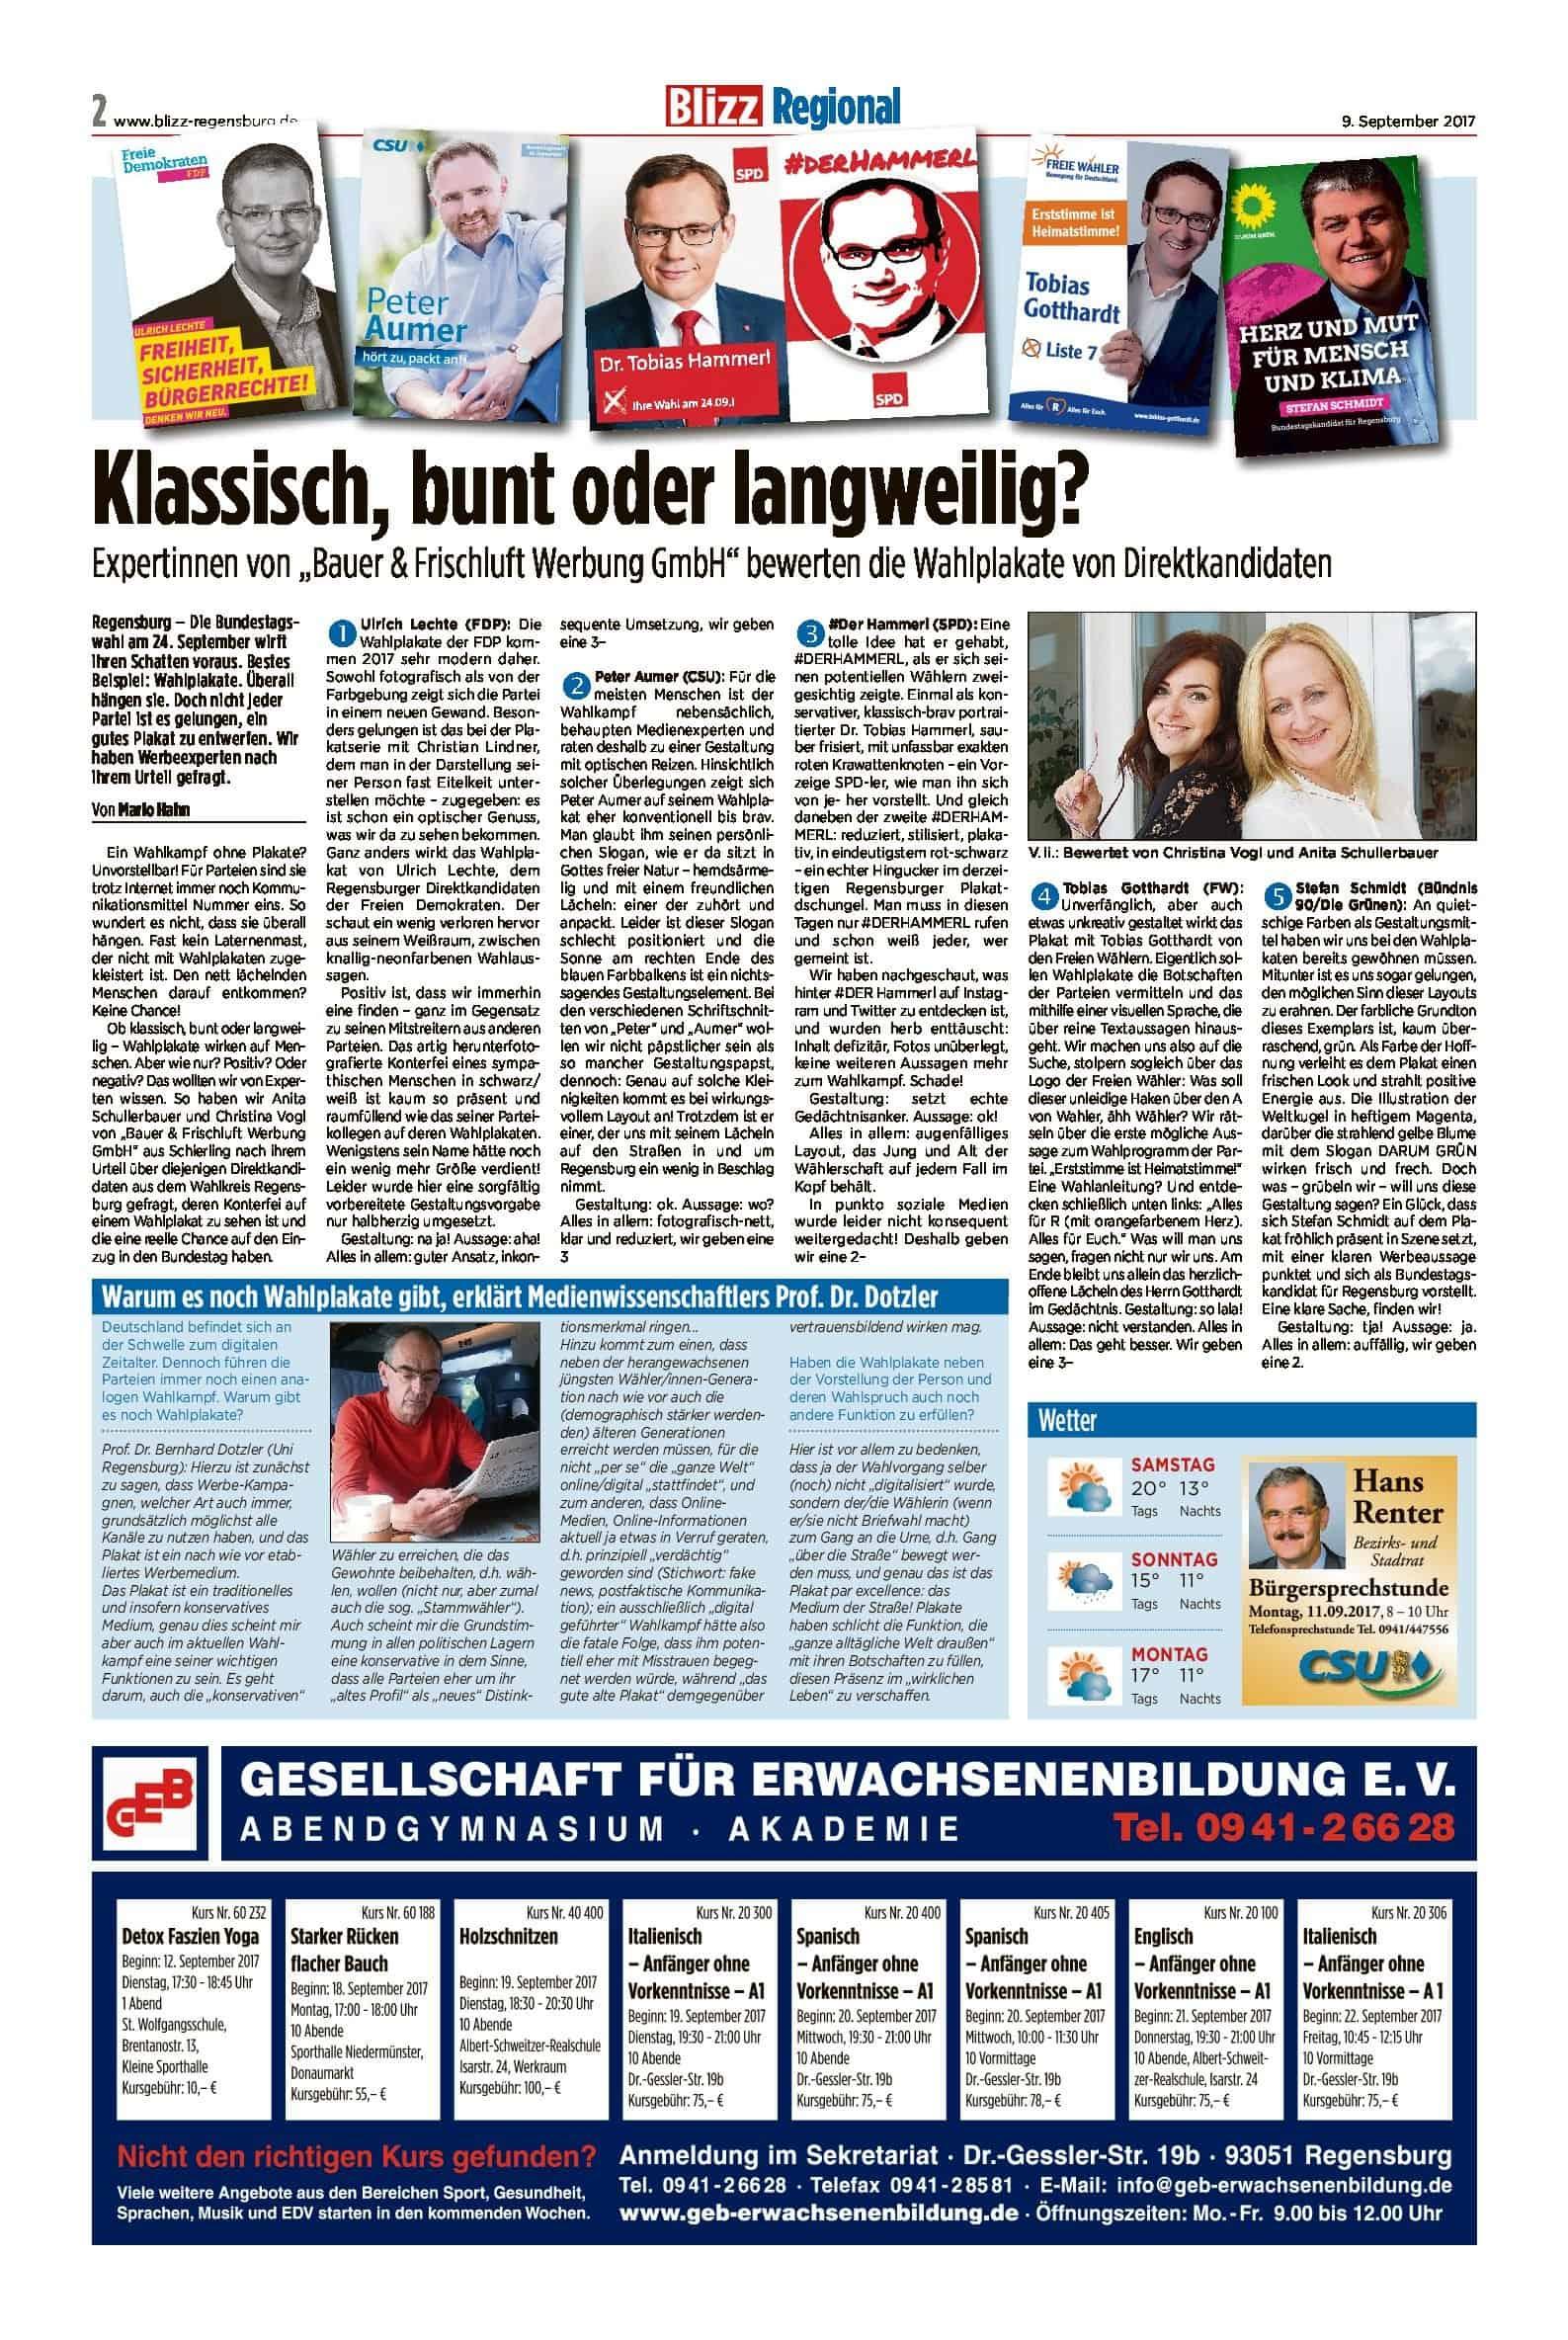 Regensburger Wahlplakate im Experten-Check